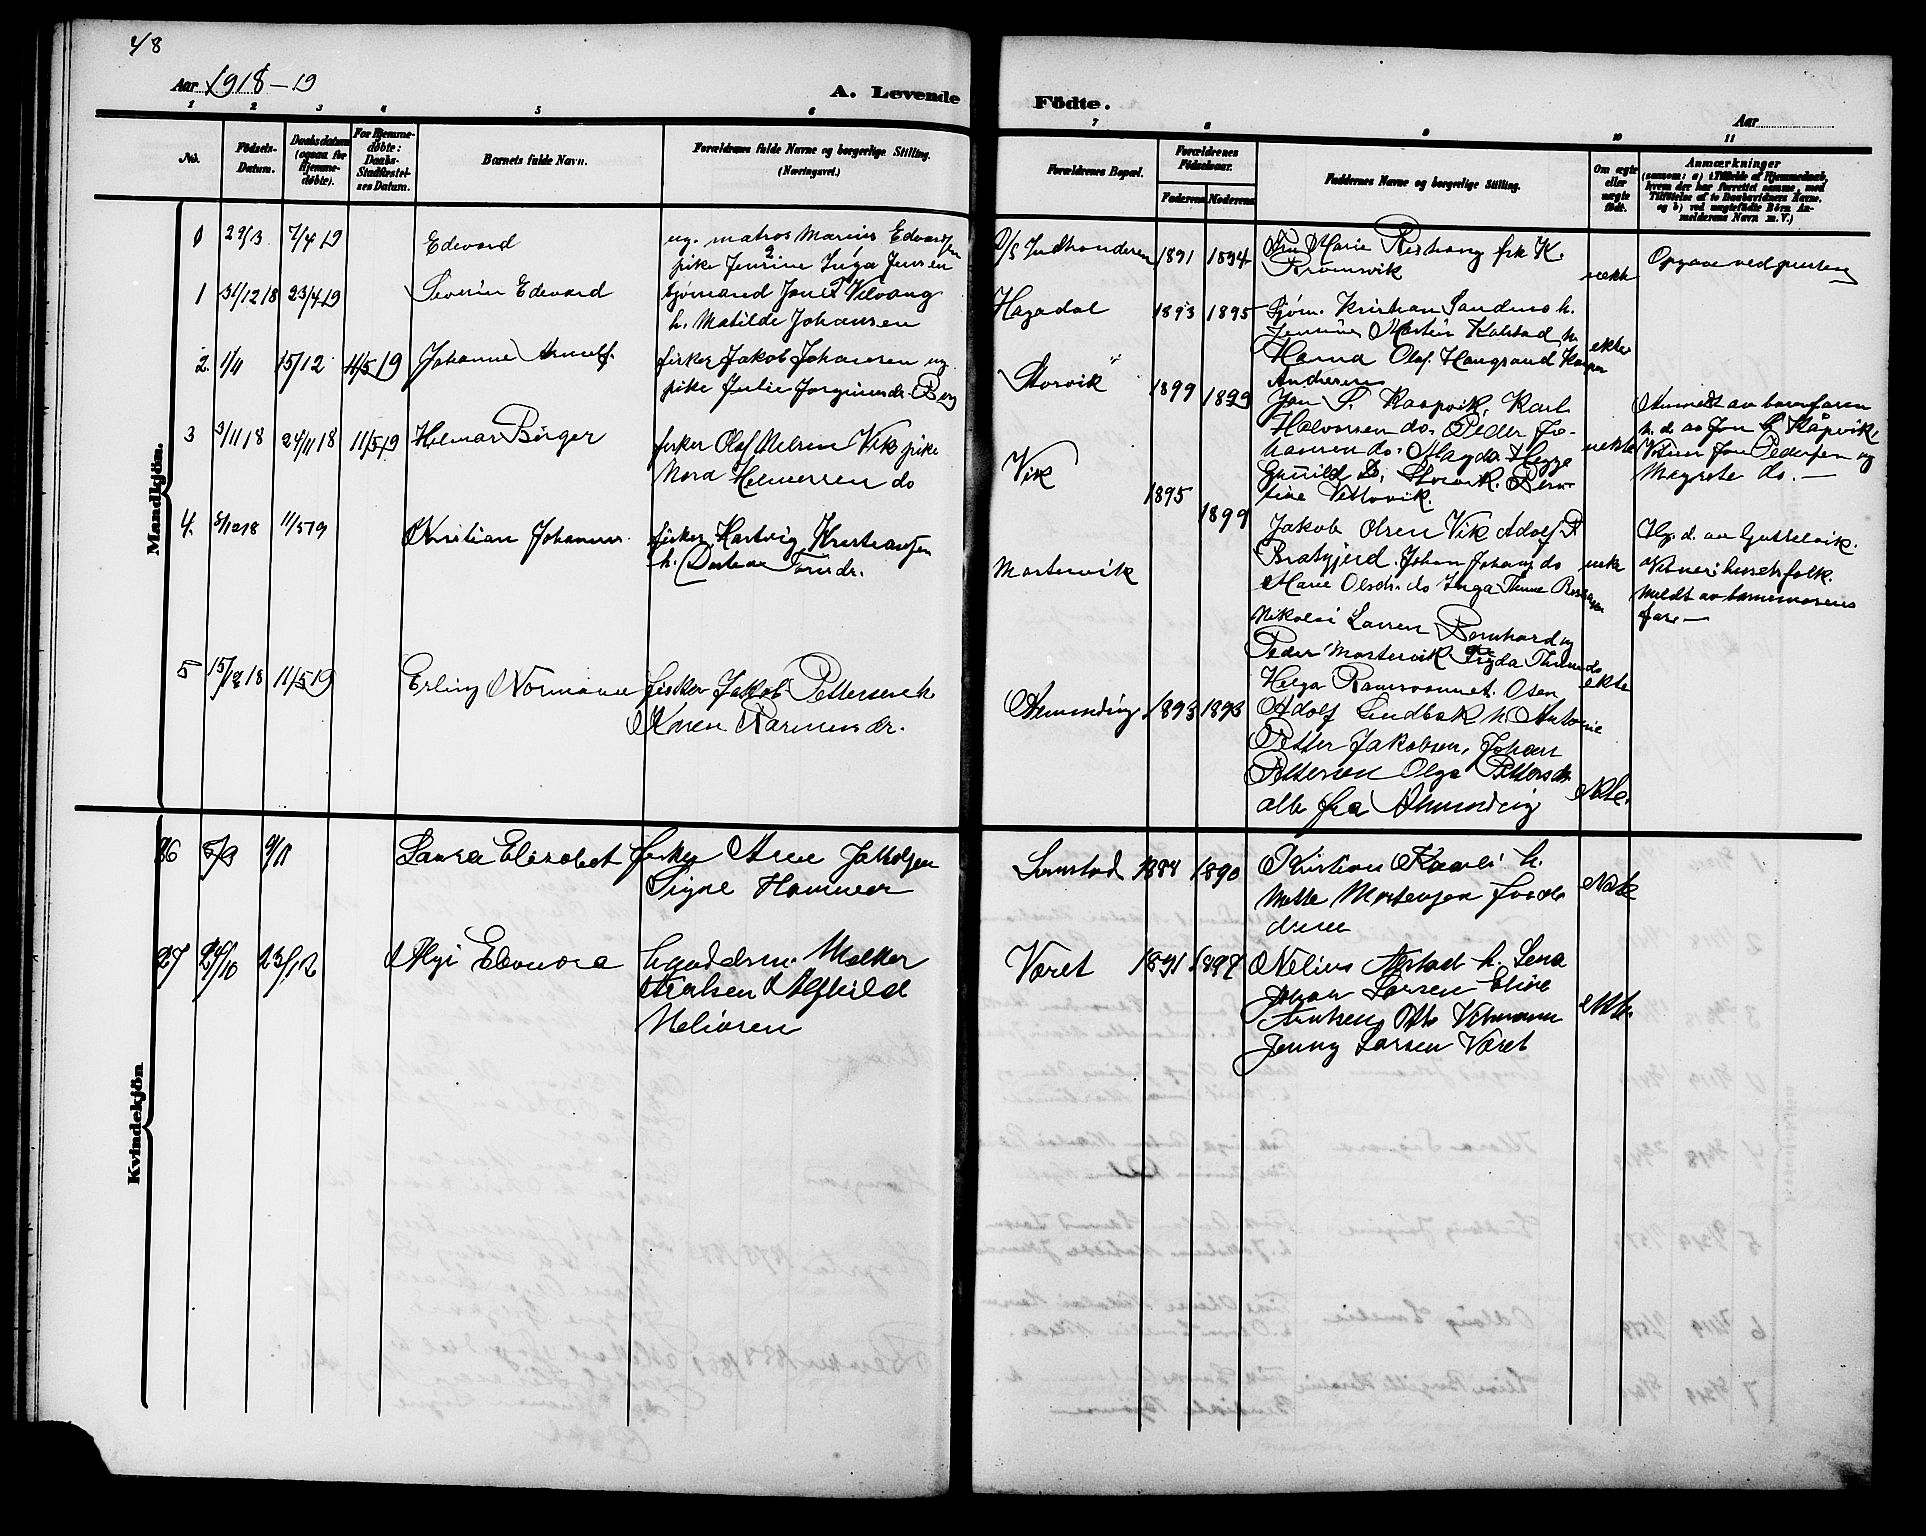 SAT, Ministerialprotokoller, klokkerbøker og fødselsregistre - Sør-Trøndelag, 657/L0717: Klokkerbok nr. 657C04, 1904-1923, s. 48